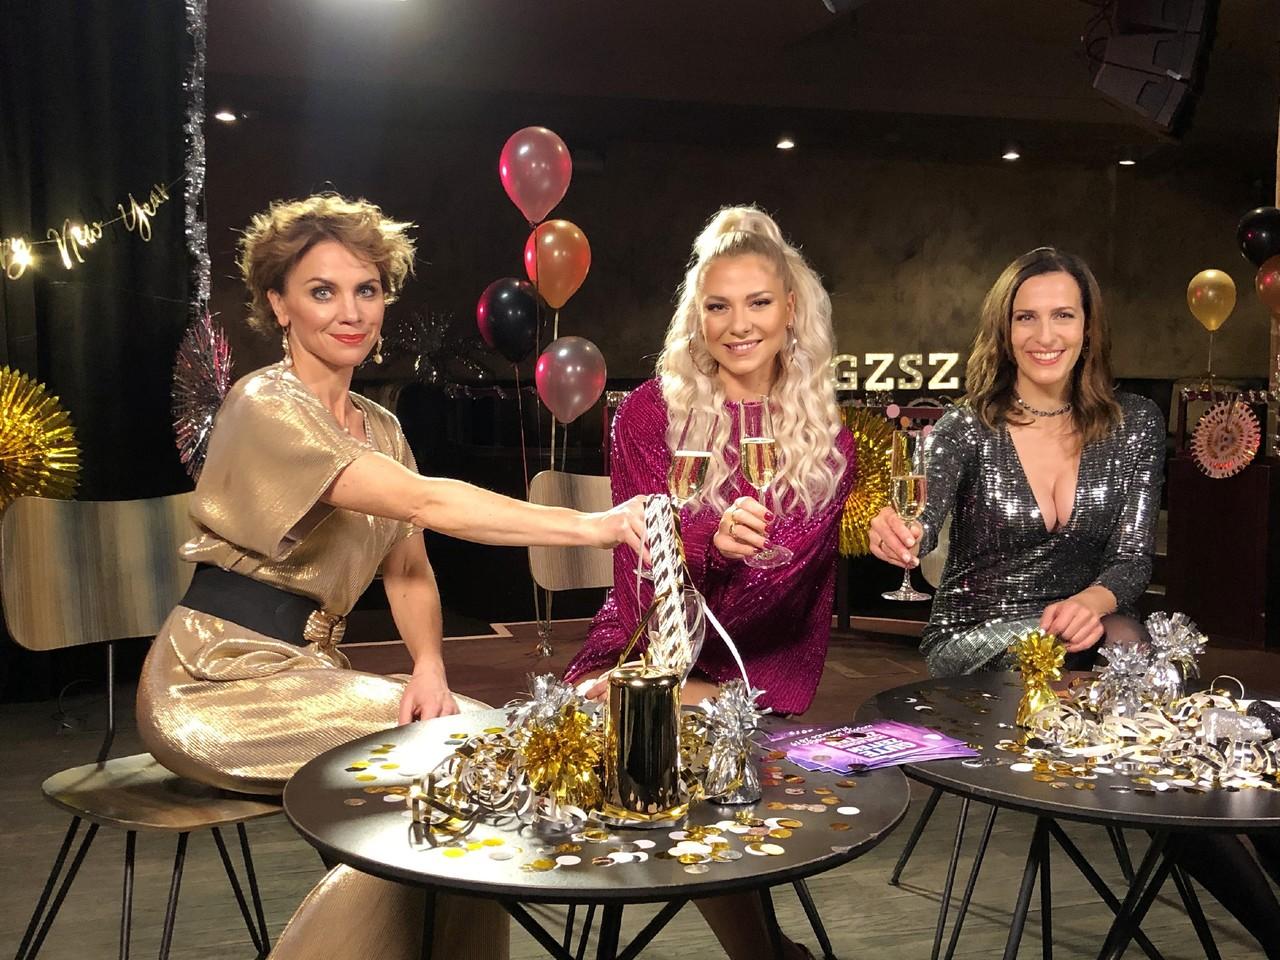 Gisa Zach, Valentina Pahde und Ulrike Frank (v. l. n. r.) TVNOW